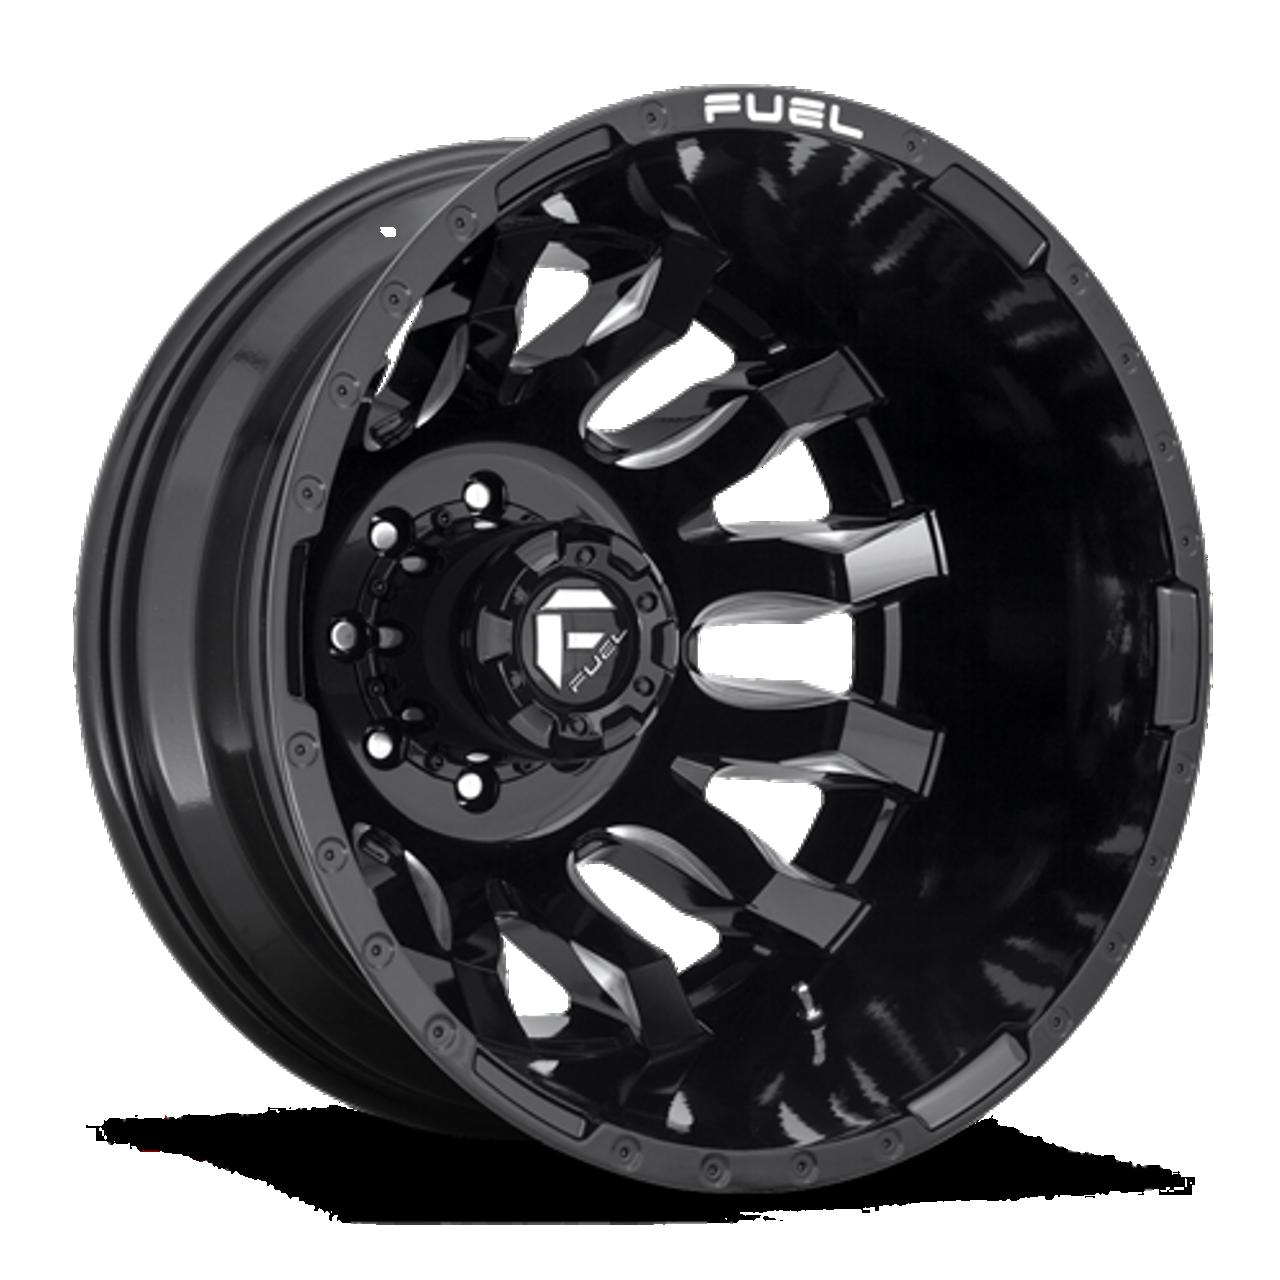 22 x 8.25 Fuel Blitz D673 Black Machined